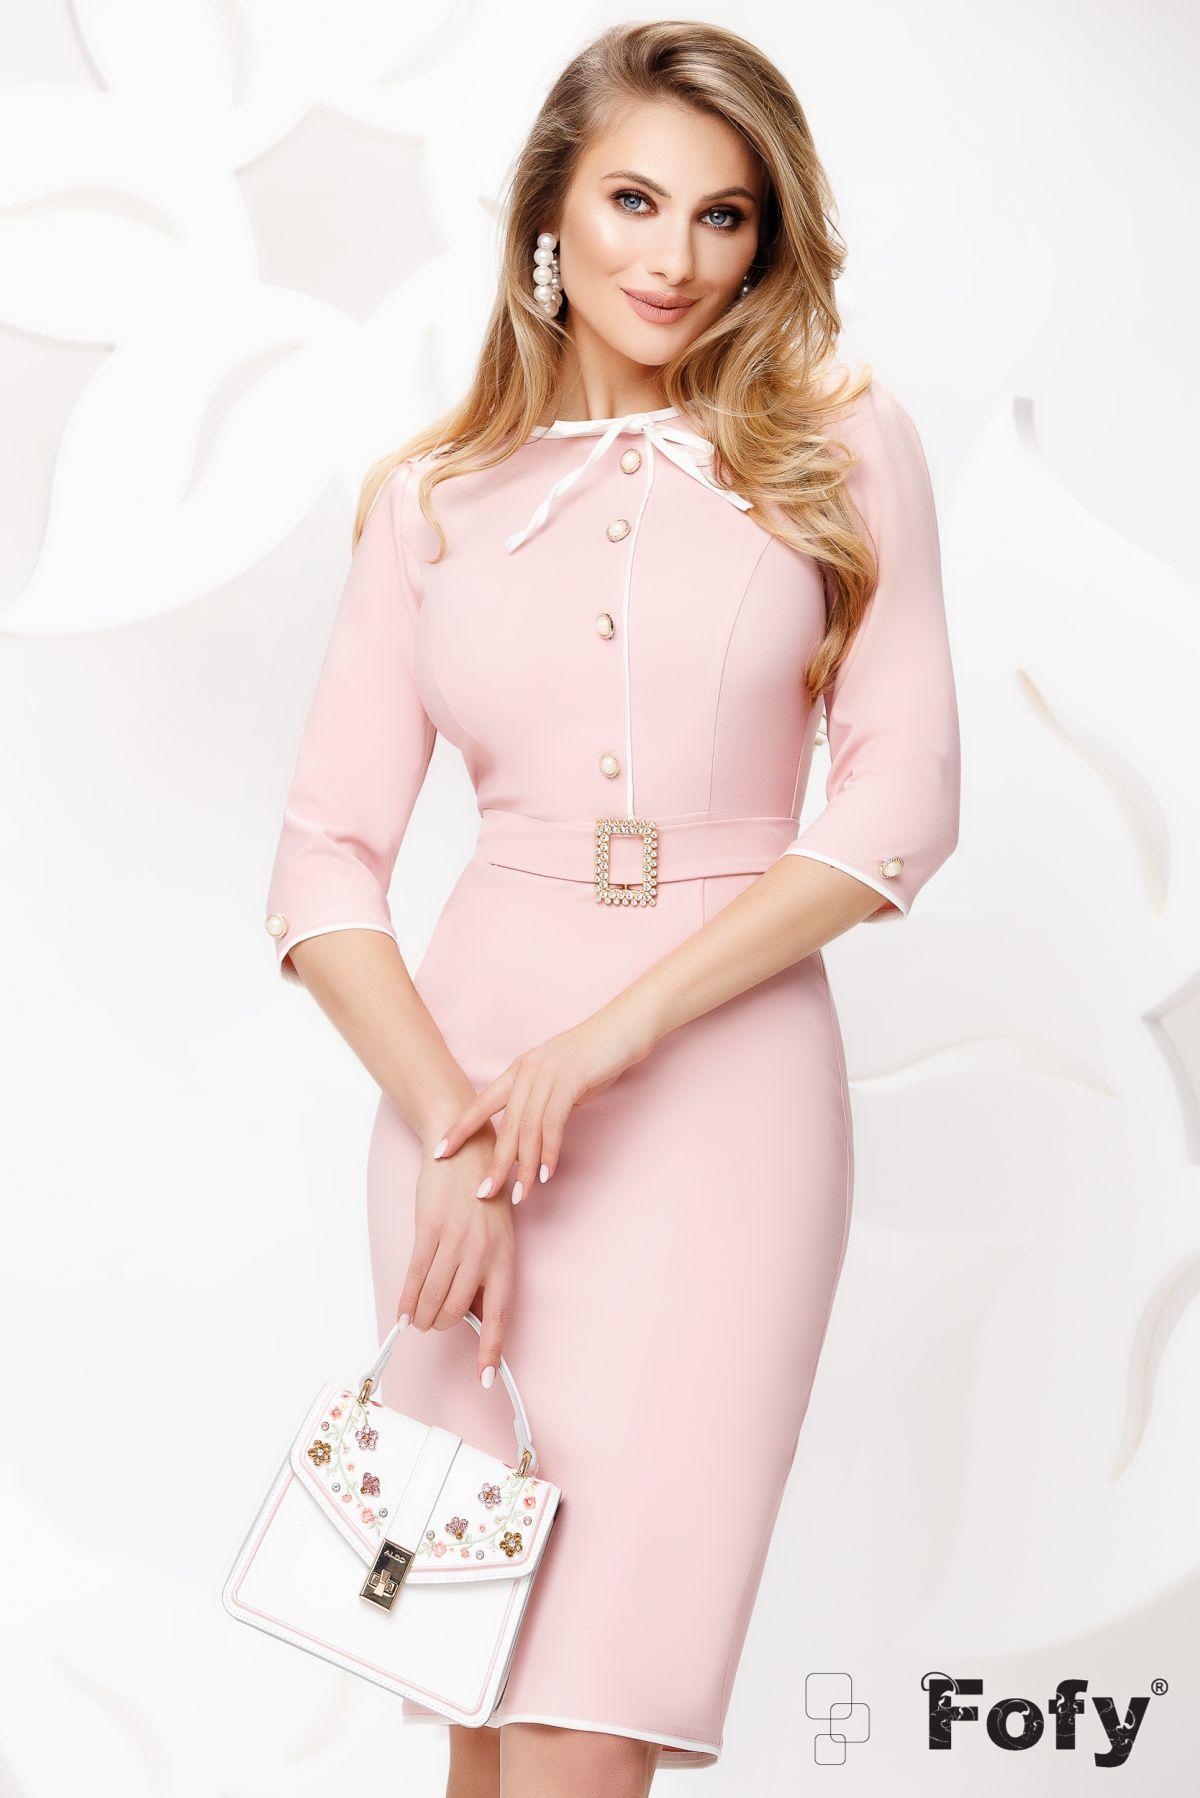 Rochie Fofy conica office rose cu nasturi pretiosi si fundita